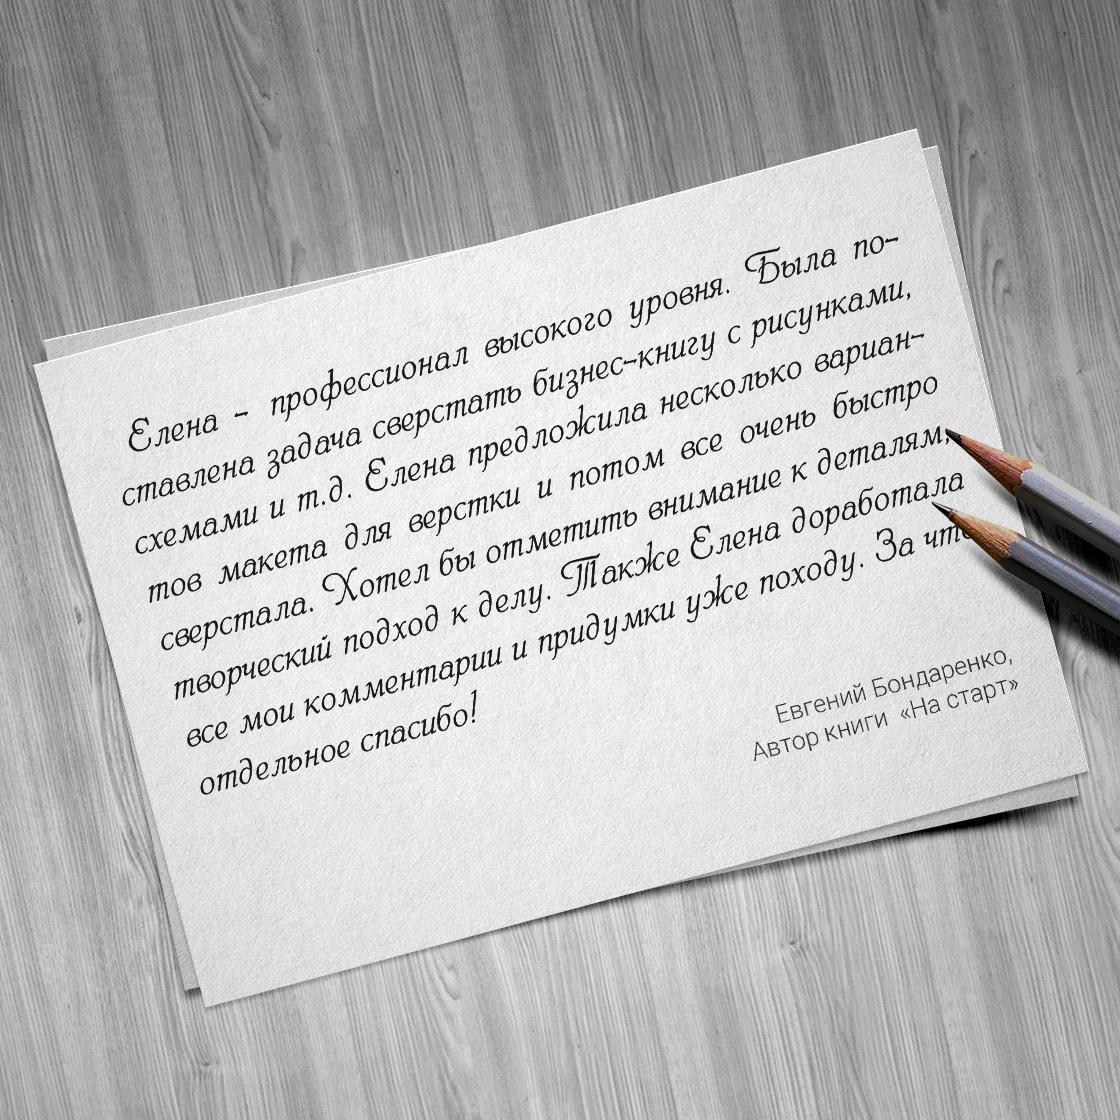 Евгений Бондаренко — автор книги «На старт!» Отзывы